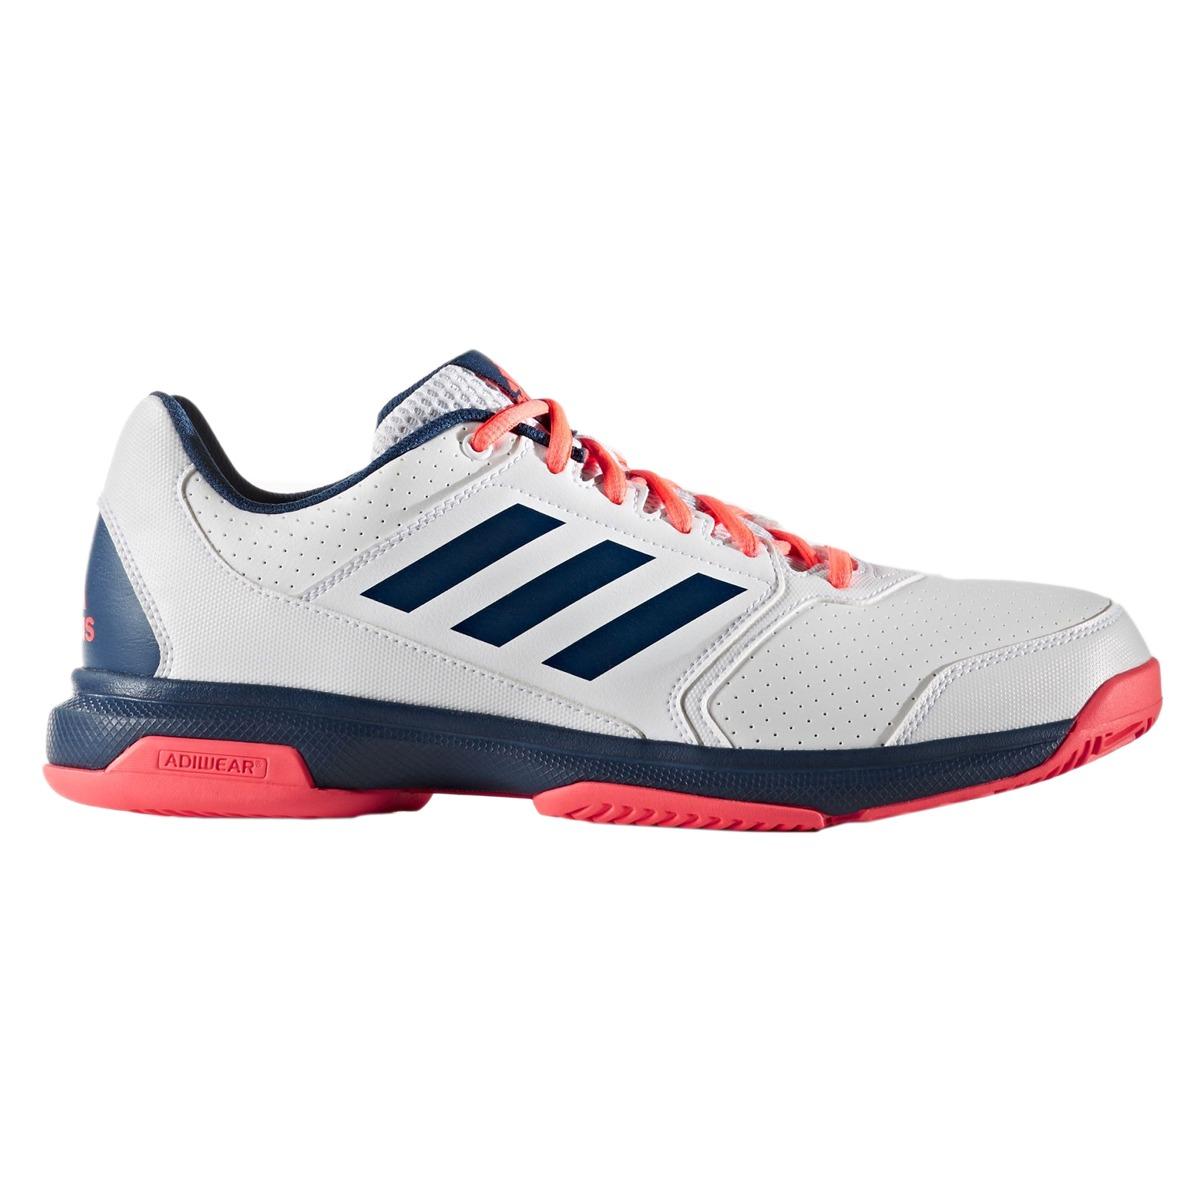 new concept 92a86 4bd2b zapatillas adidas adizero attack sportline. Cargando zoom.